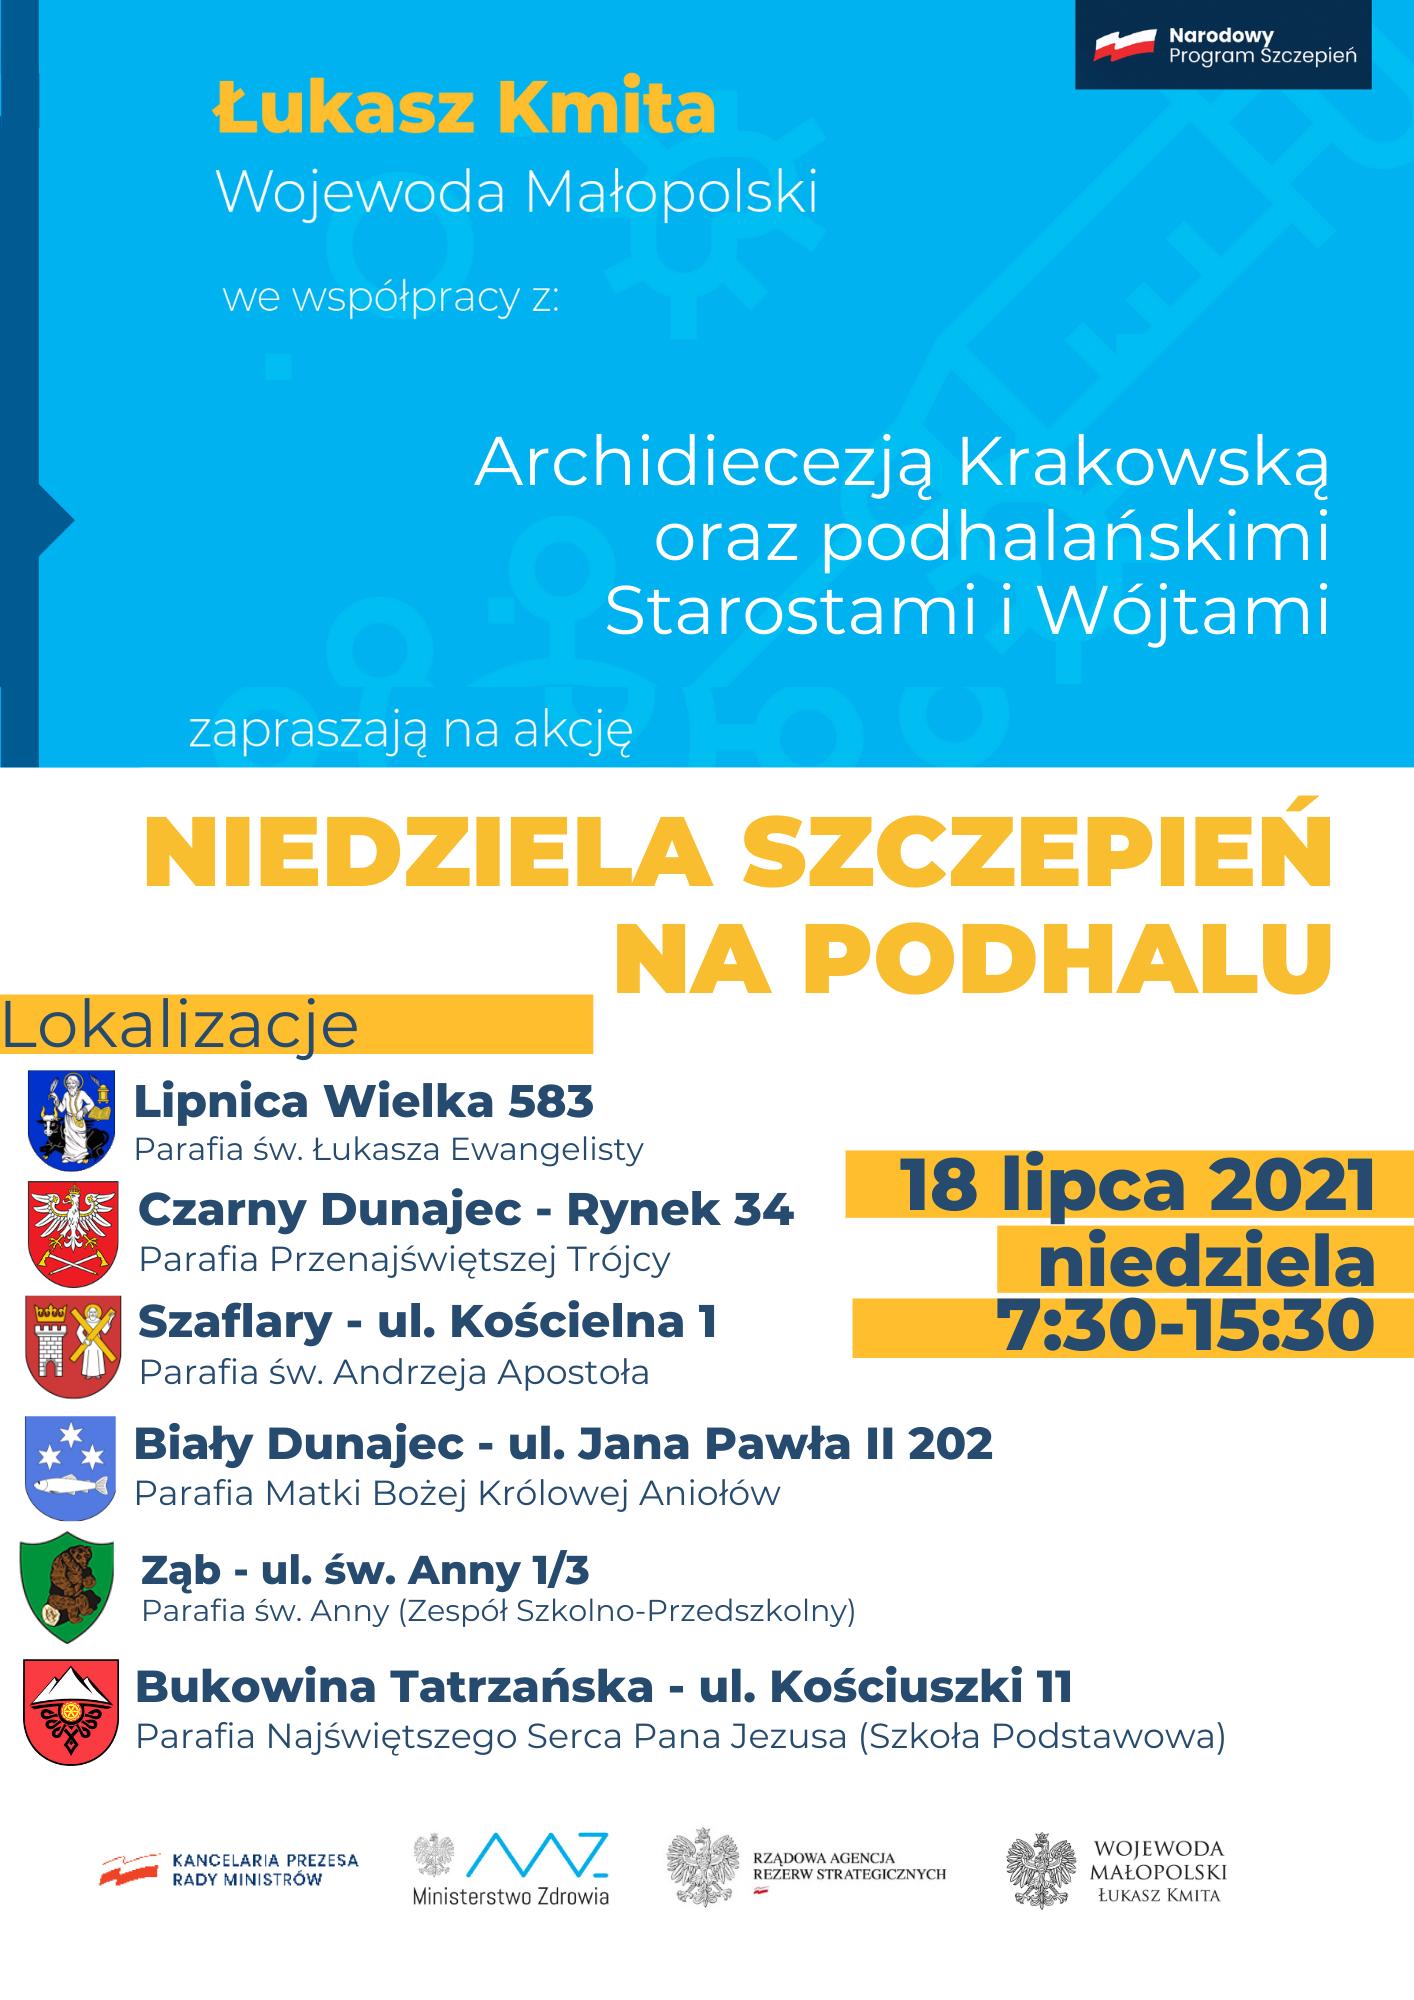 Niedziela szczepień na Podhalu - we współpracy z parafiami